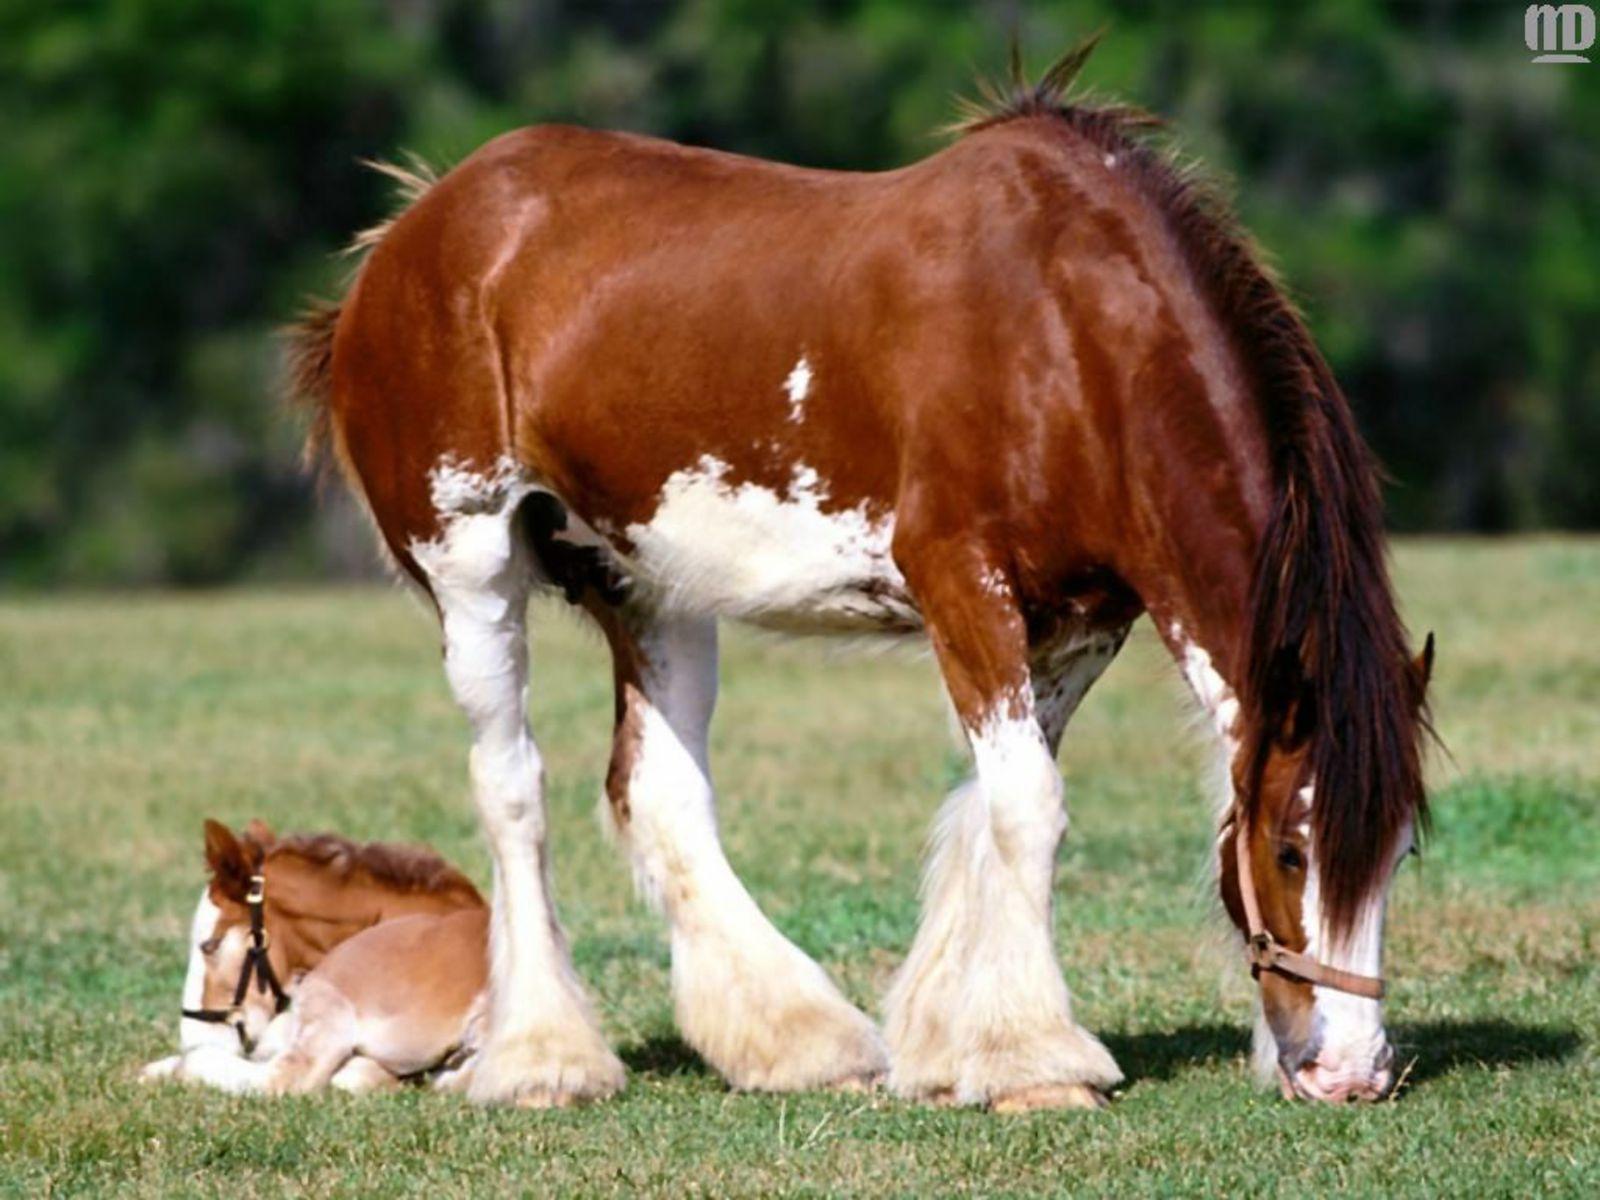 عکس های فوق العاده زیبای اسب